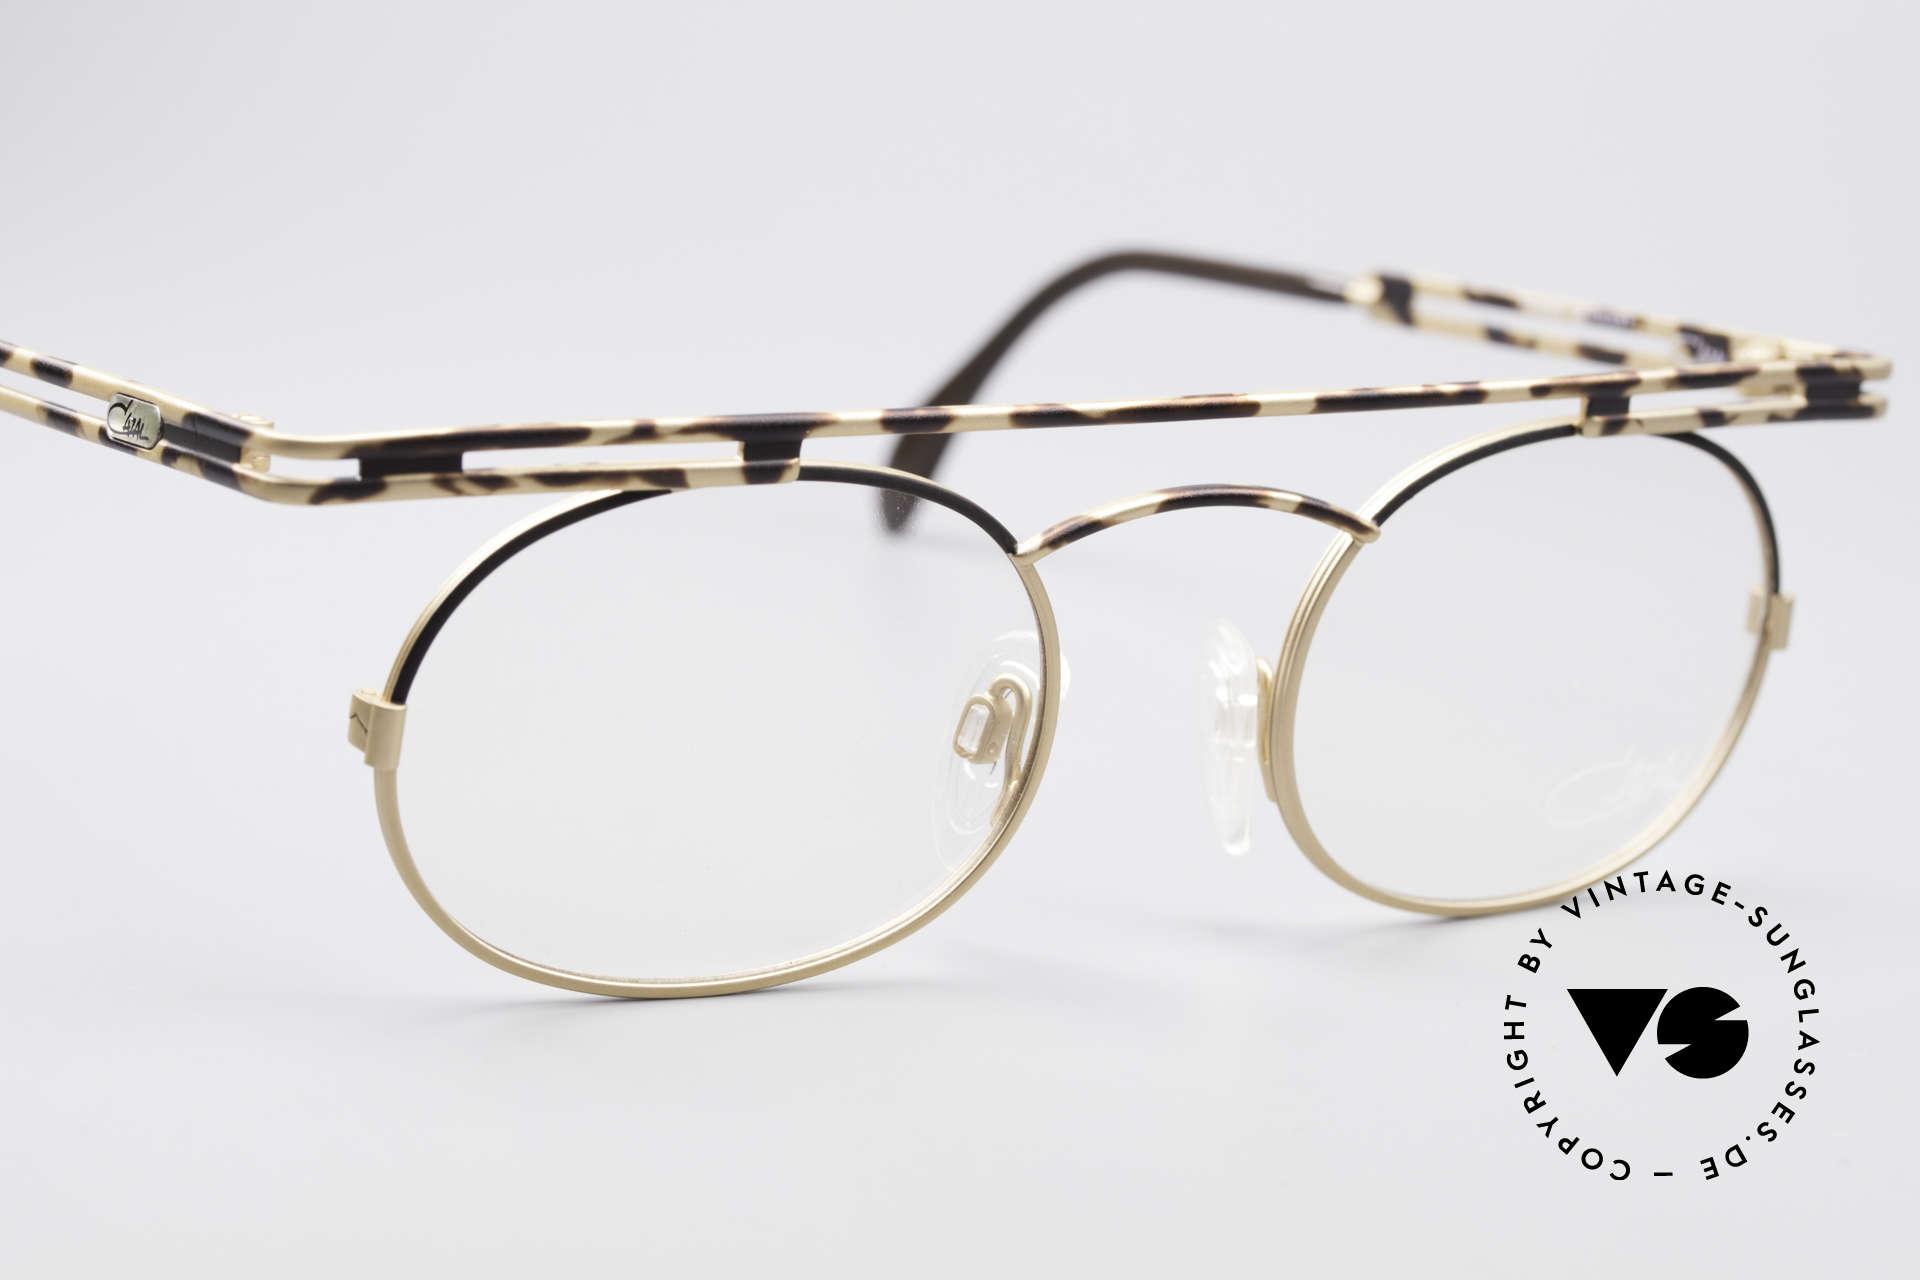 Cazal 761 KEINE Retrobrille Vintage Brille, KEINE RETRObrille; eine echte VINTAGE Brille, Passend für Herren und Damen